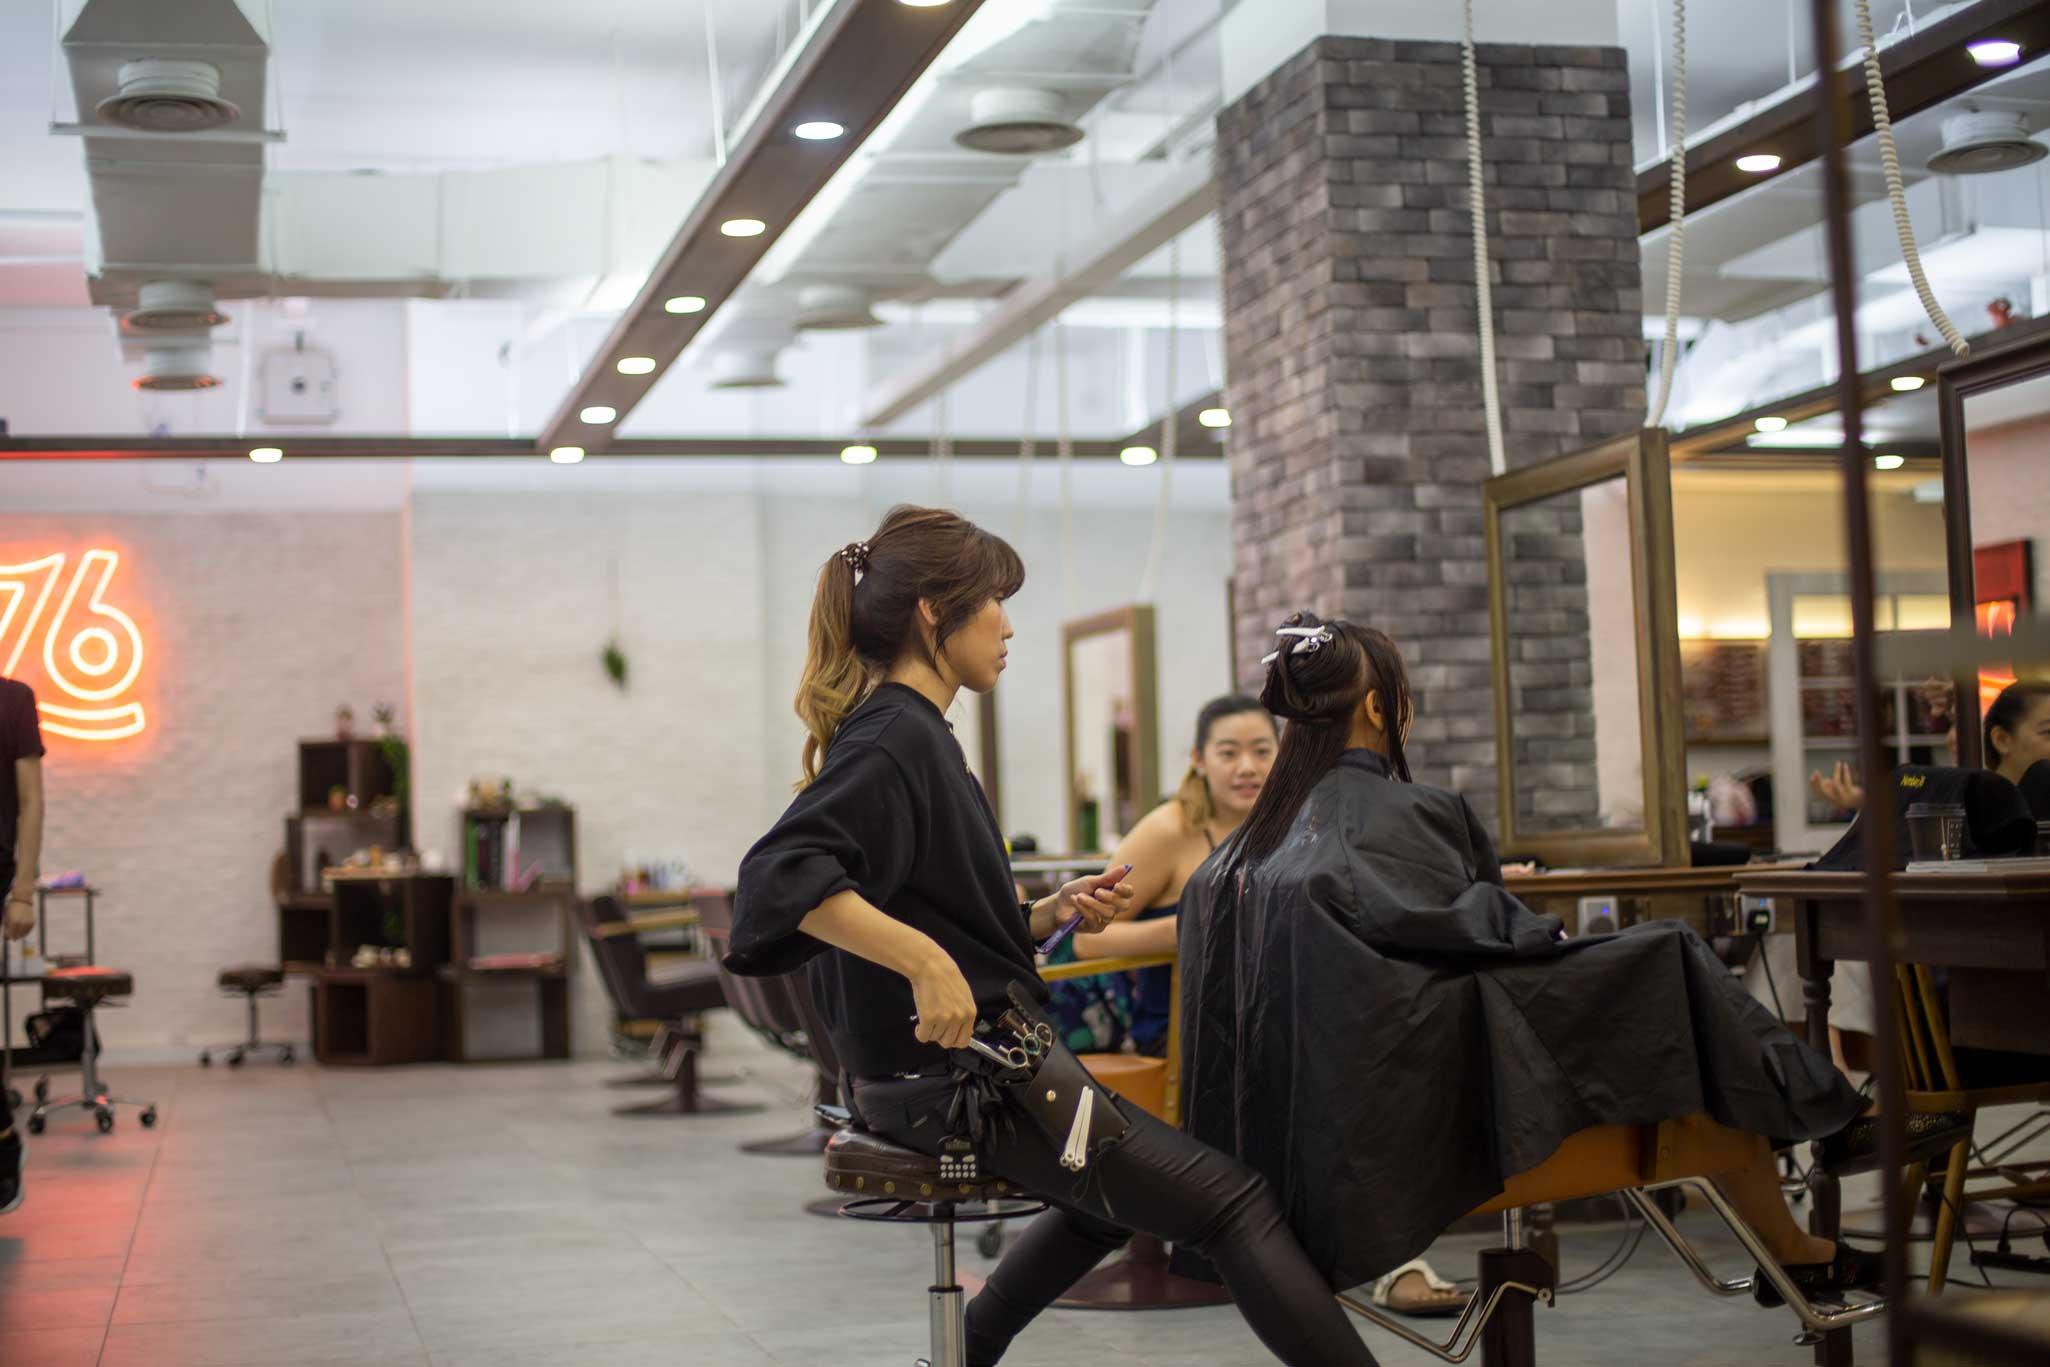 マレーシア クアラルンプール ジョホールバル 日系サロン 日系美容室 海外就職 海外美容師 海外美容室 英語 英会話